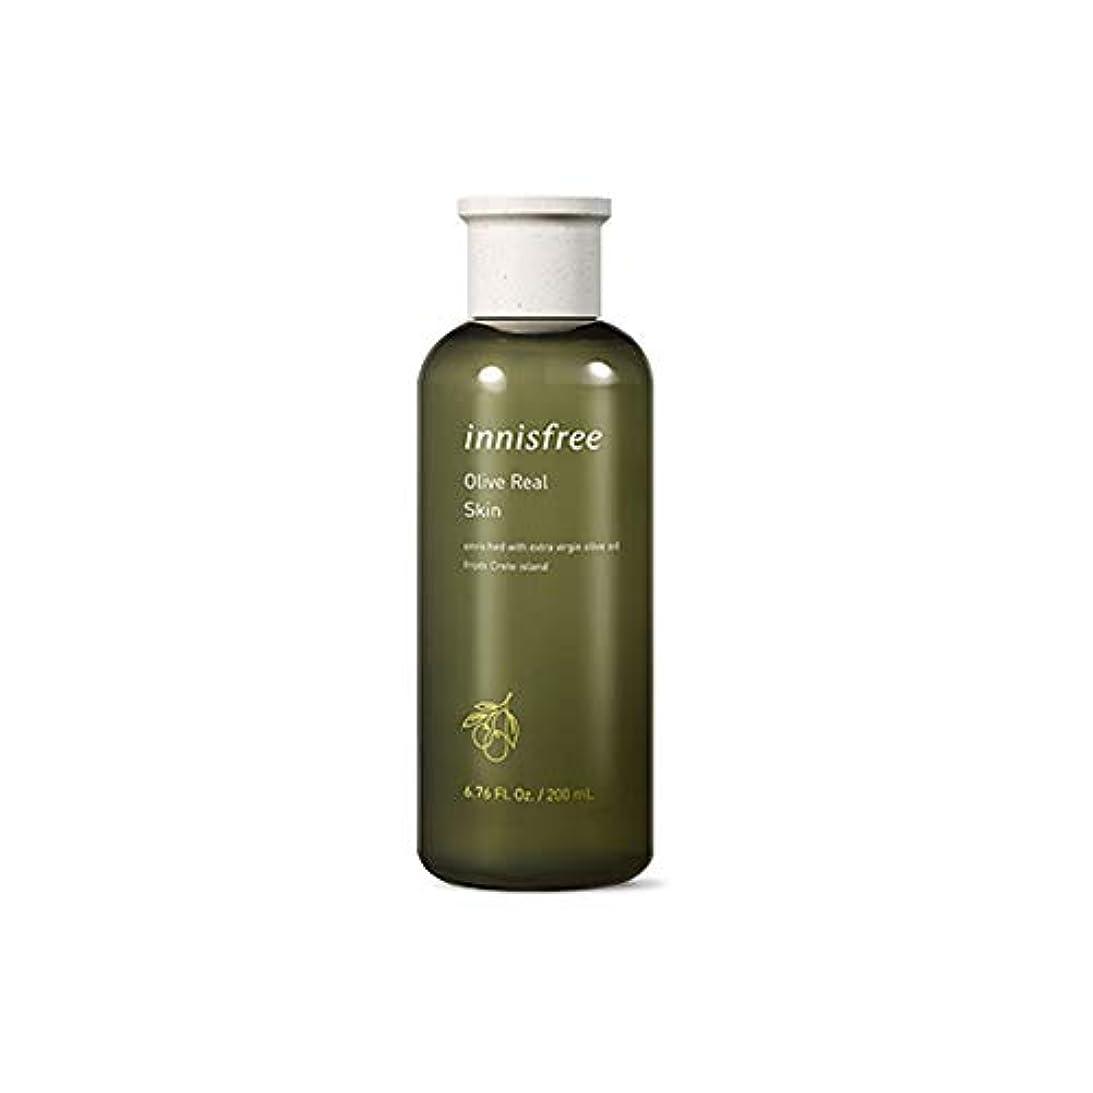 インディカ共同選択養うNEW[イニスフリー] Innisfree オリーブ リアル スキンEX (200ml) Innisfree Olive Real Skin EX(200ml) [海外直送品]